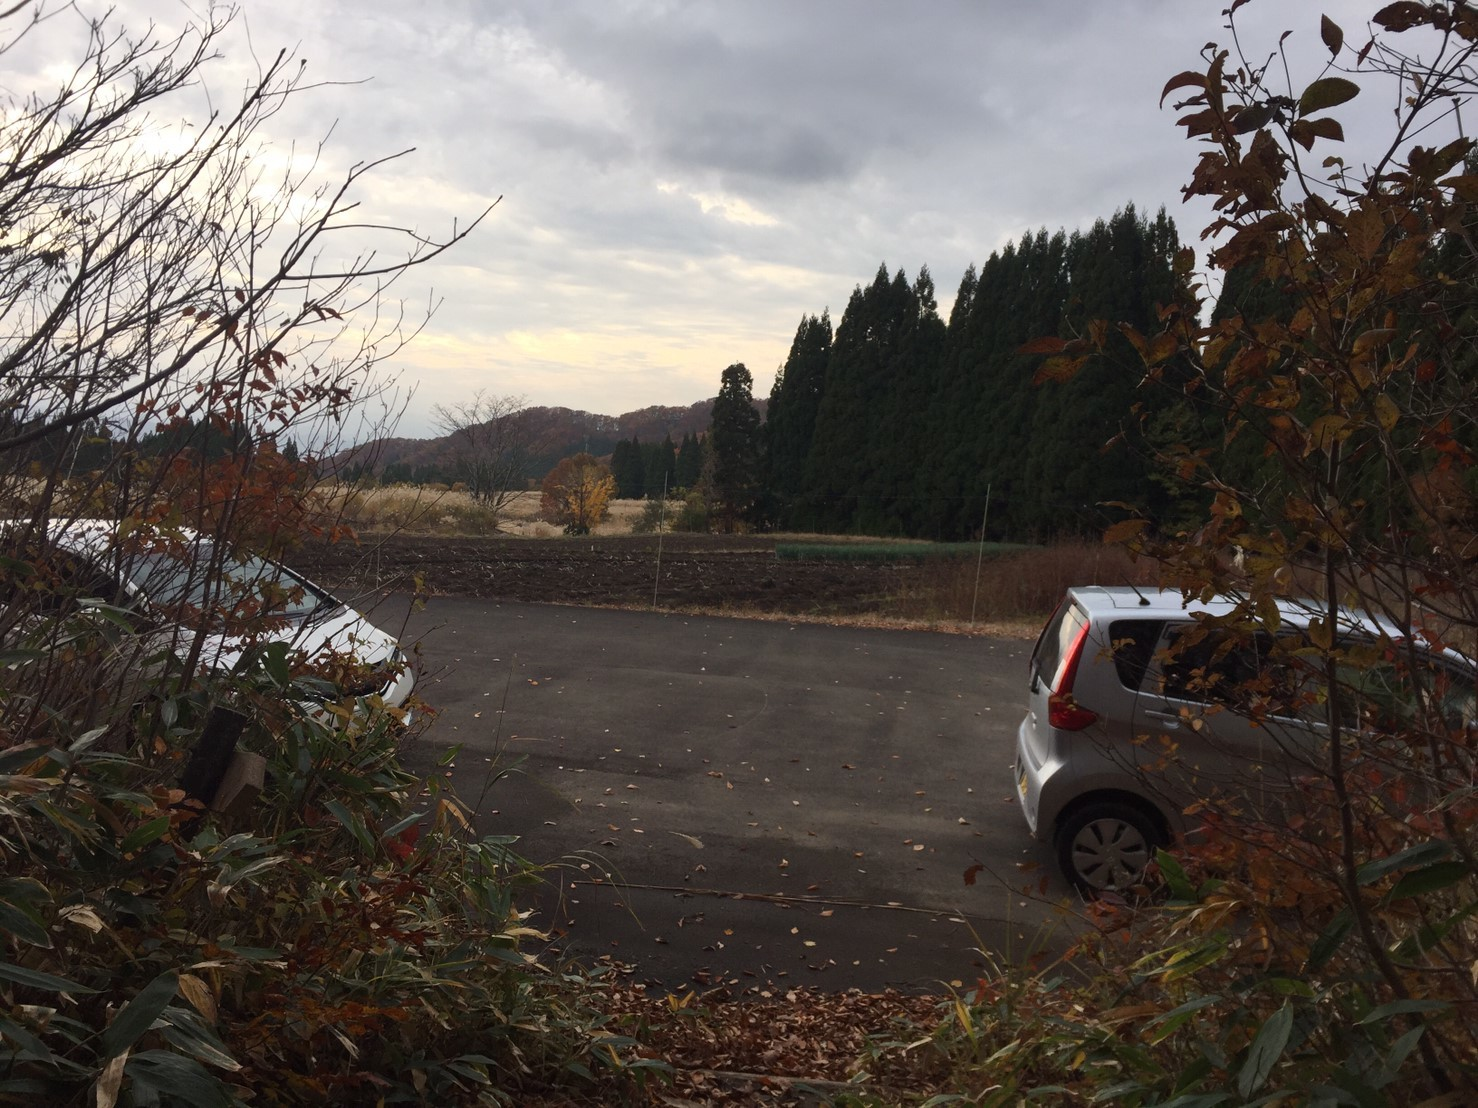 秋のトレッキング  雲竜の滝_e0115904_12155869.jpg